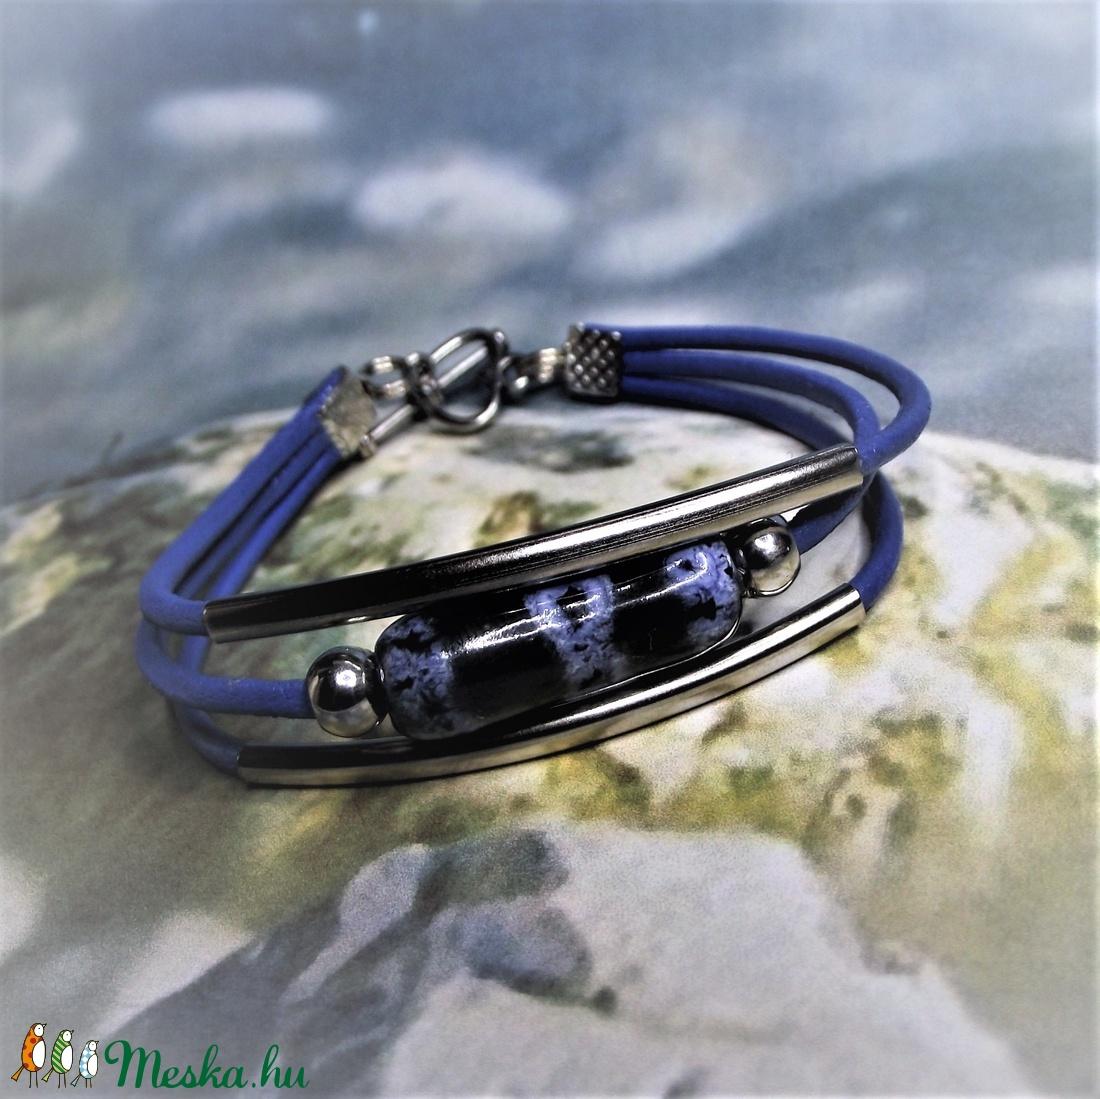 Háromsoros bőr karkötő kék-fehér márványmintás kerámiagyönggyel - ékszer - karkötő - gyöngyös karkötő - Meska.hu